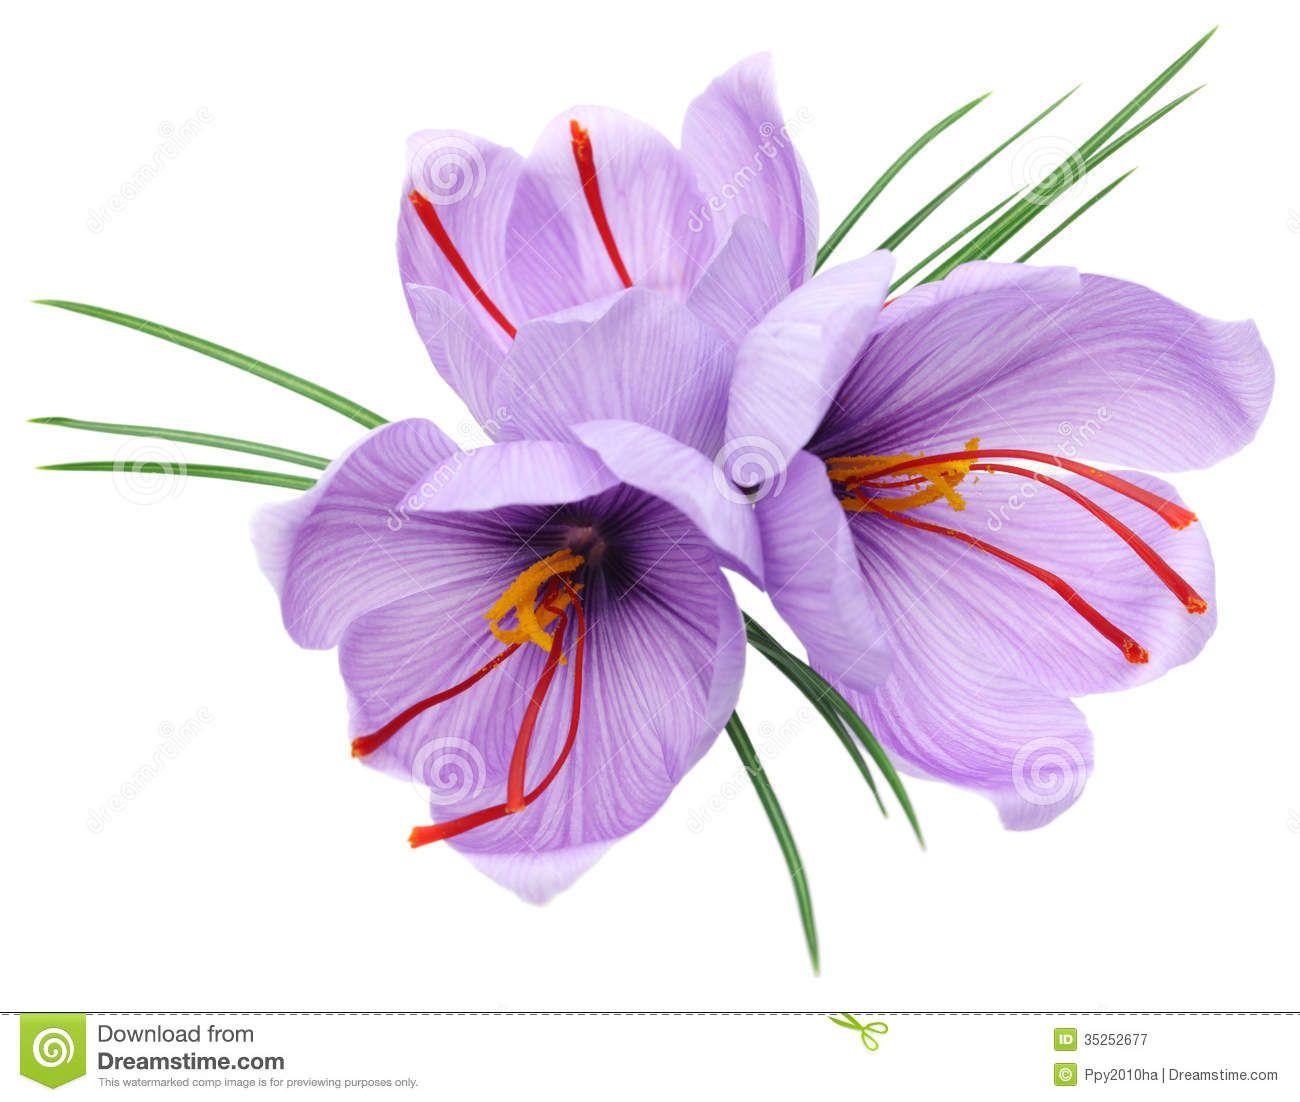 saffron-flowers-crocus-isolated-white-background-35252677.jpg ...